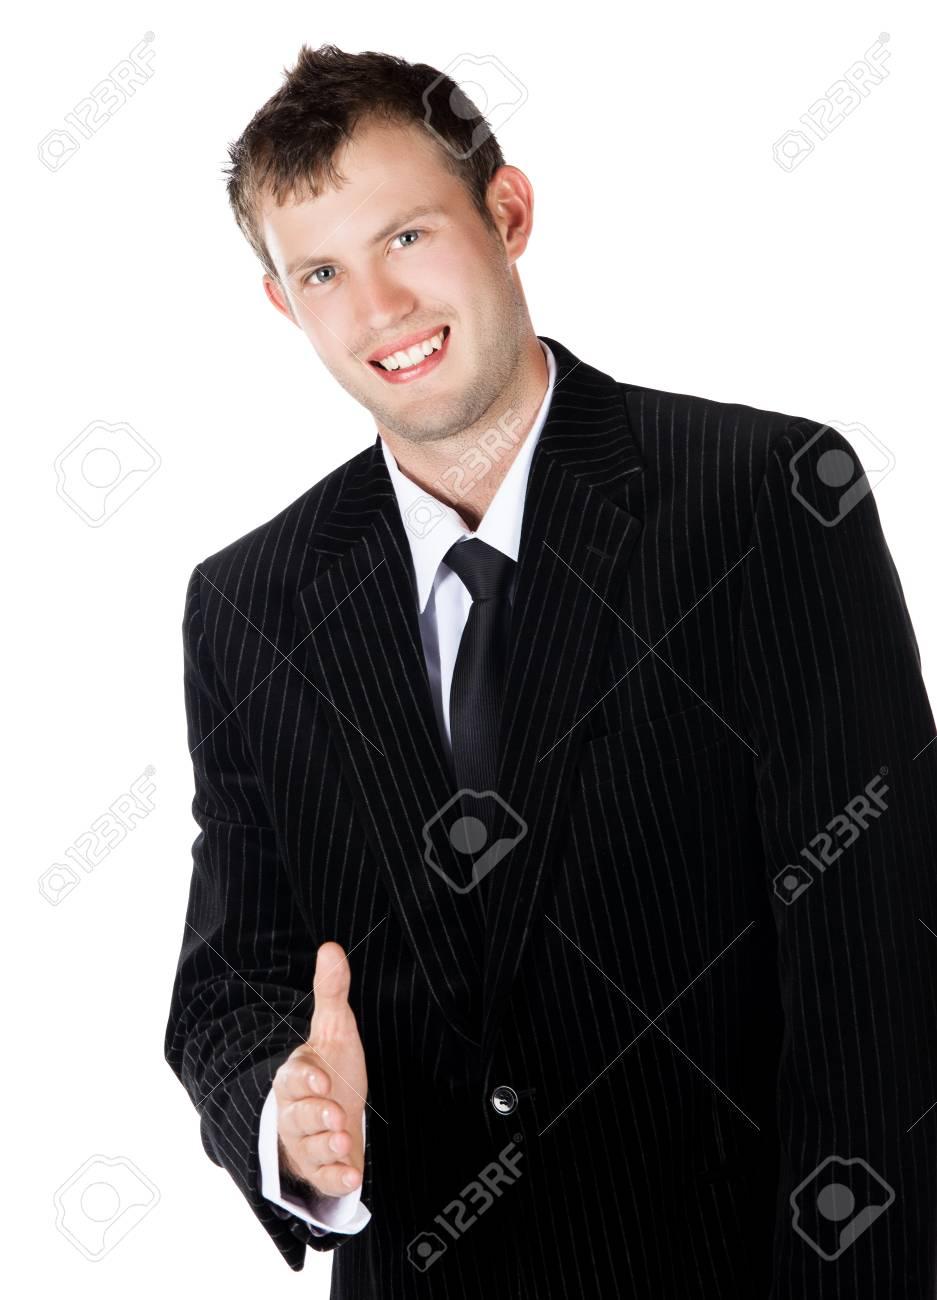 meilleures offres sur bonne qualité nouvelle qualité Beau jeune homme d'affaires caucasien réussi vêtu d'un costume noir formel,  cravate et chemise blanche. Il tient la main pour une poignée de main et ...